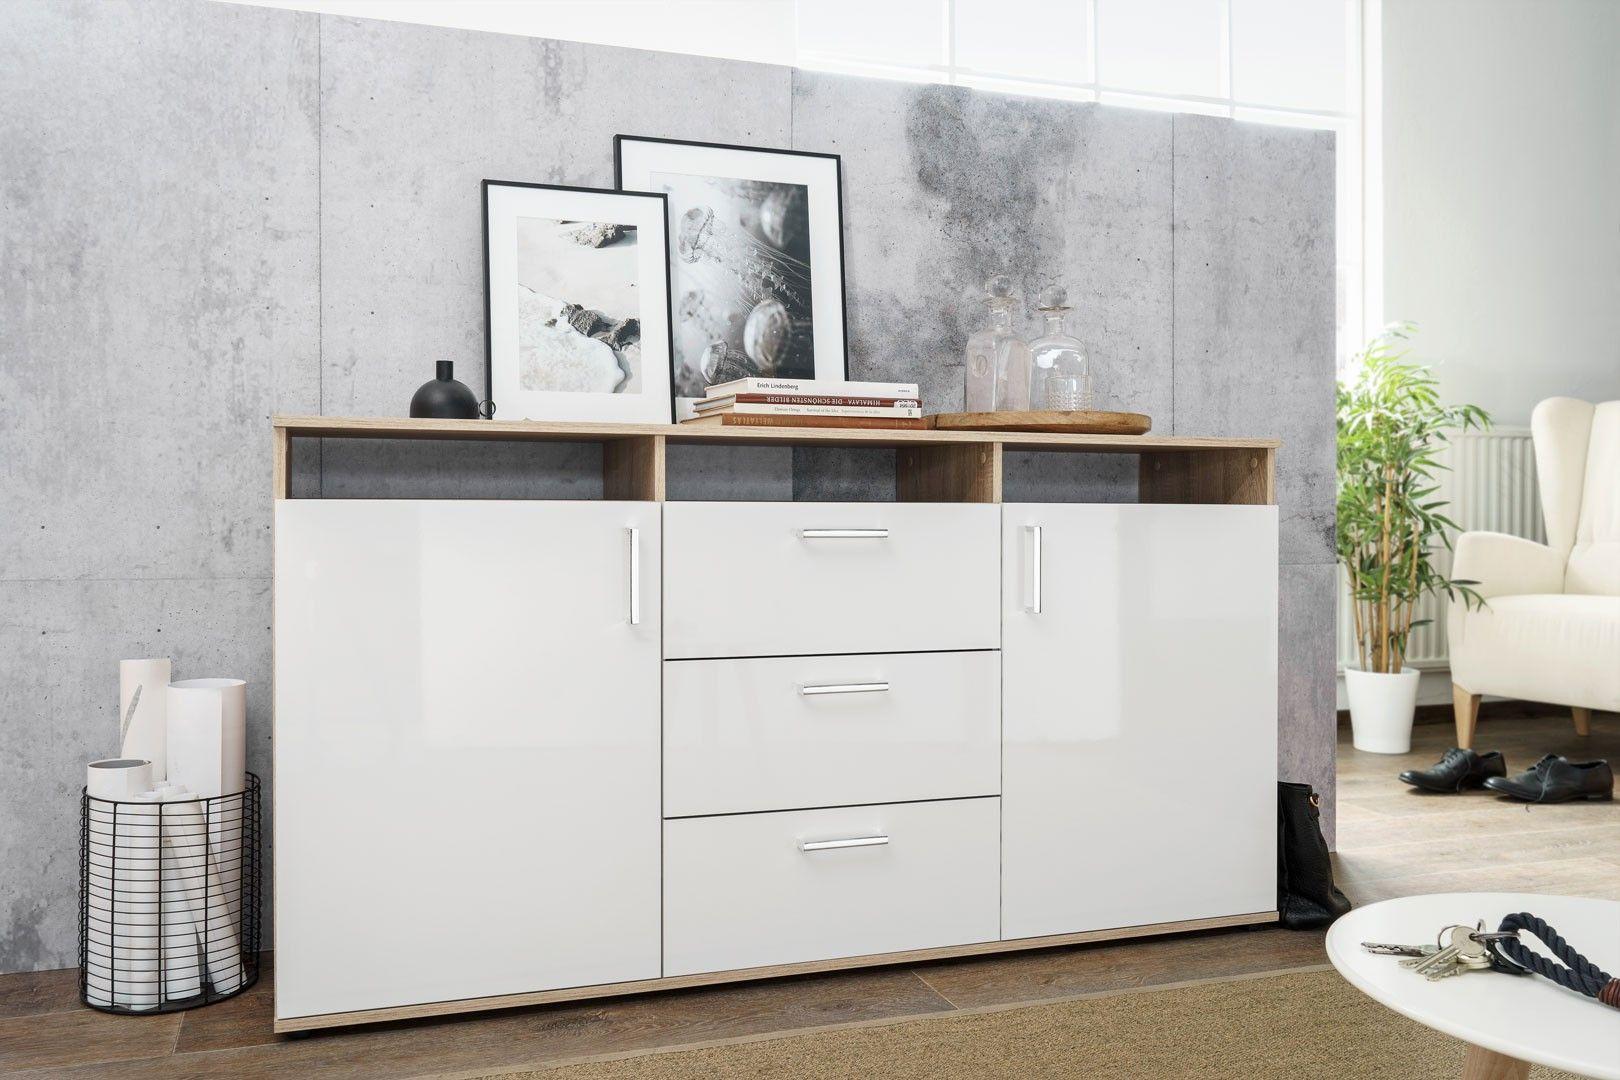 Meuble de rangement contemporain 2 portes 3 tiroirs blanc laqué